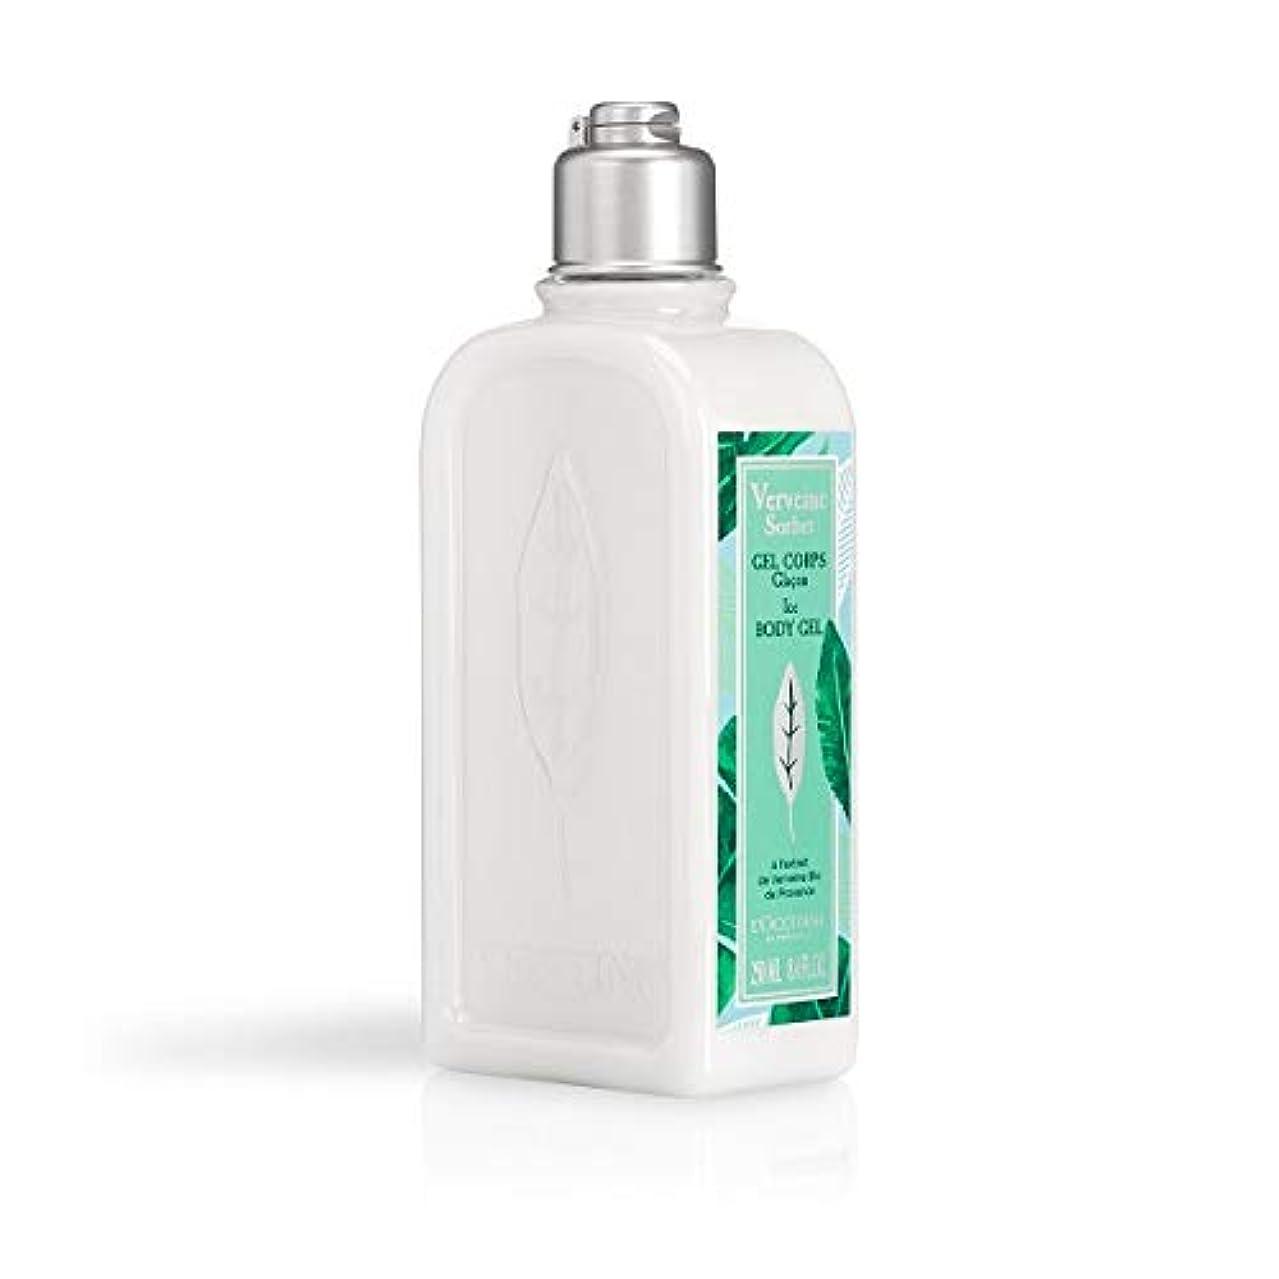 取得する科学平らなロクシタン(L'OCCITANE) ミントウ゛ァーベナ ソルベボディジェル 250ml(ボディ用乳液)